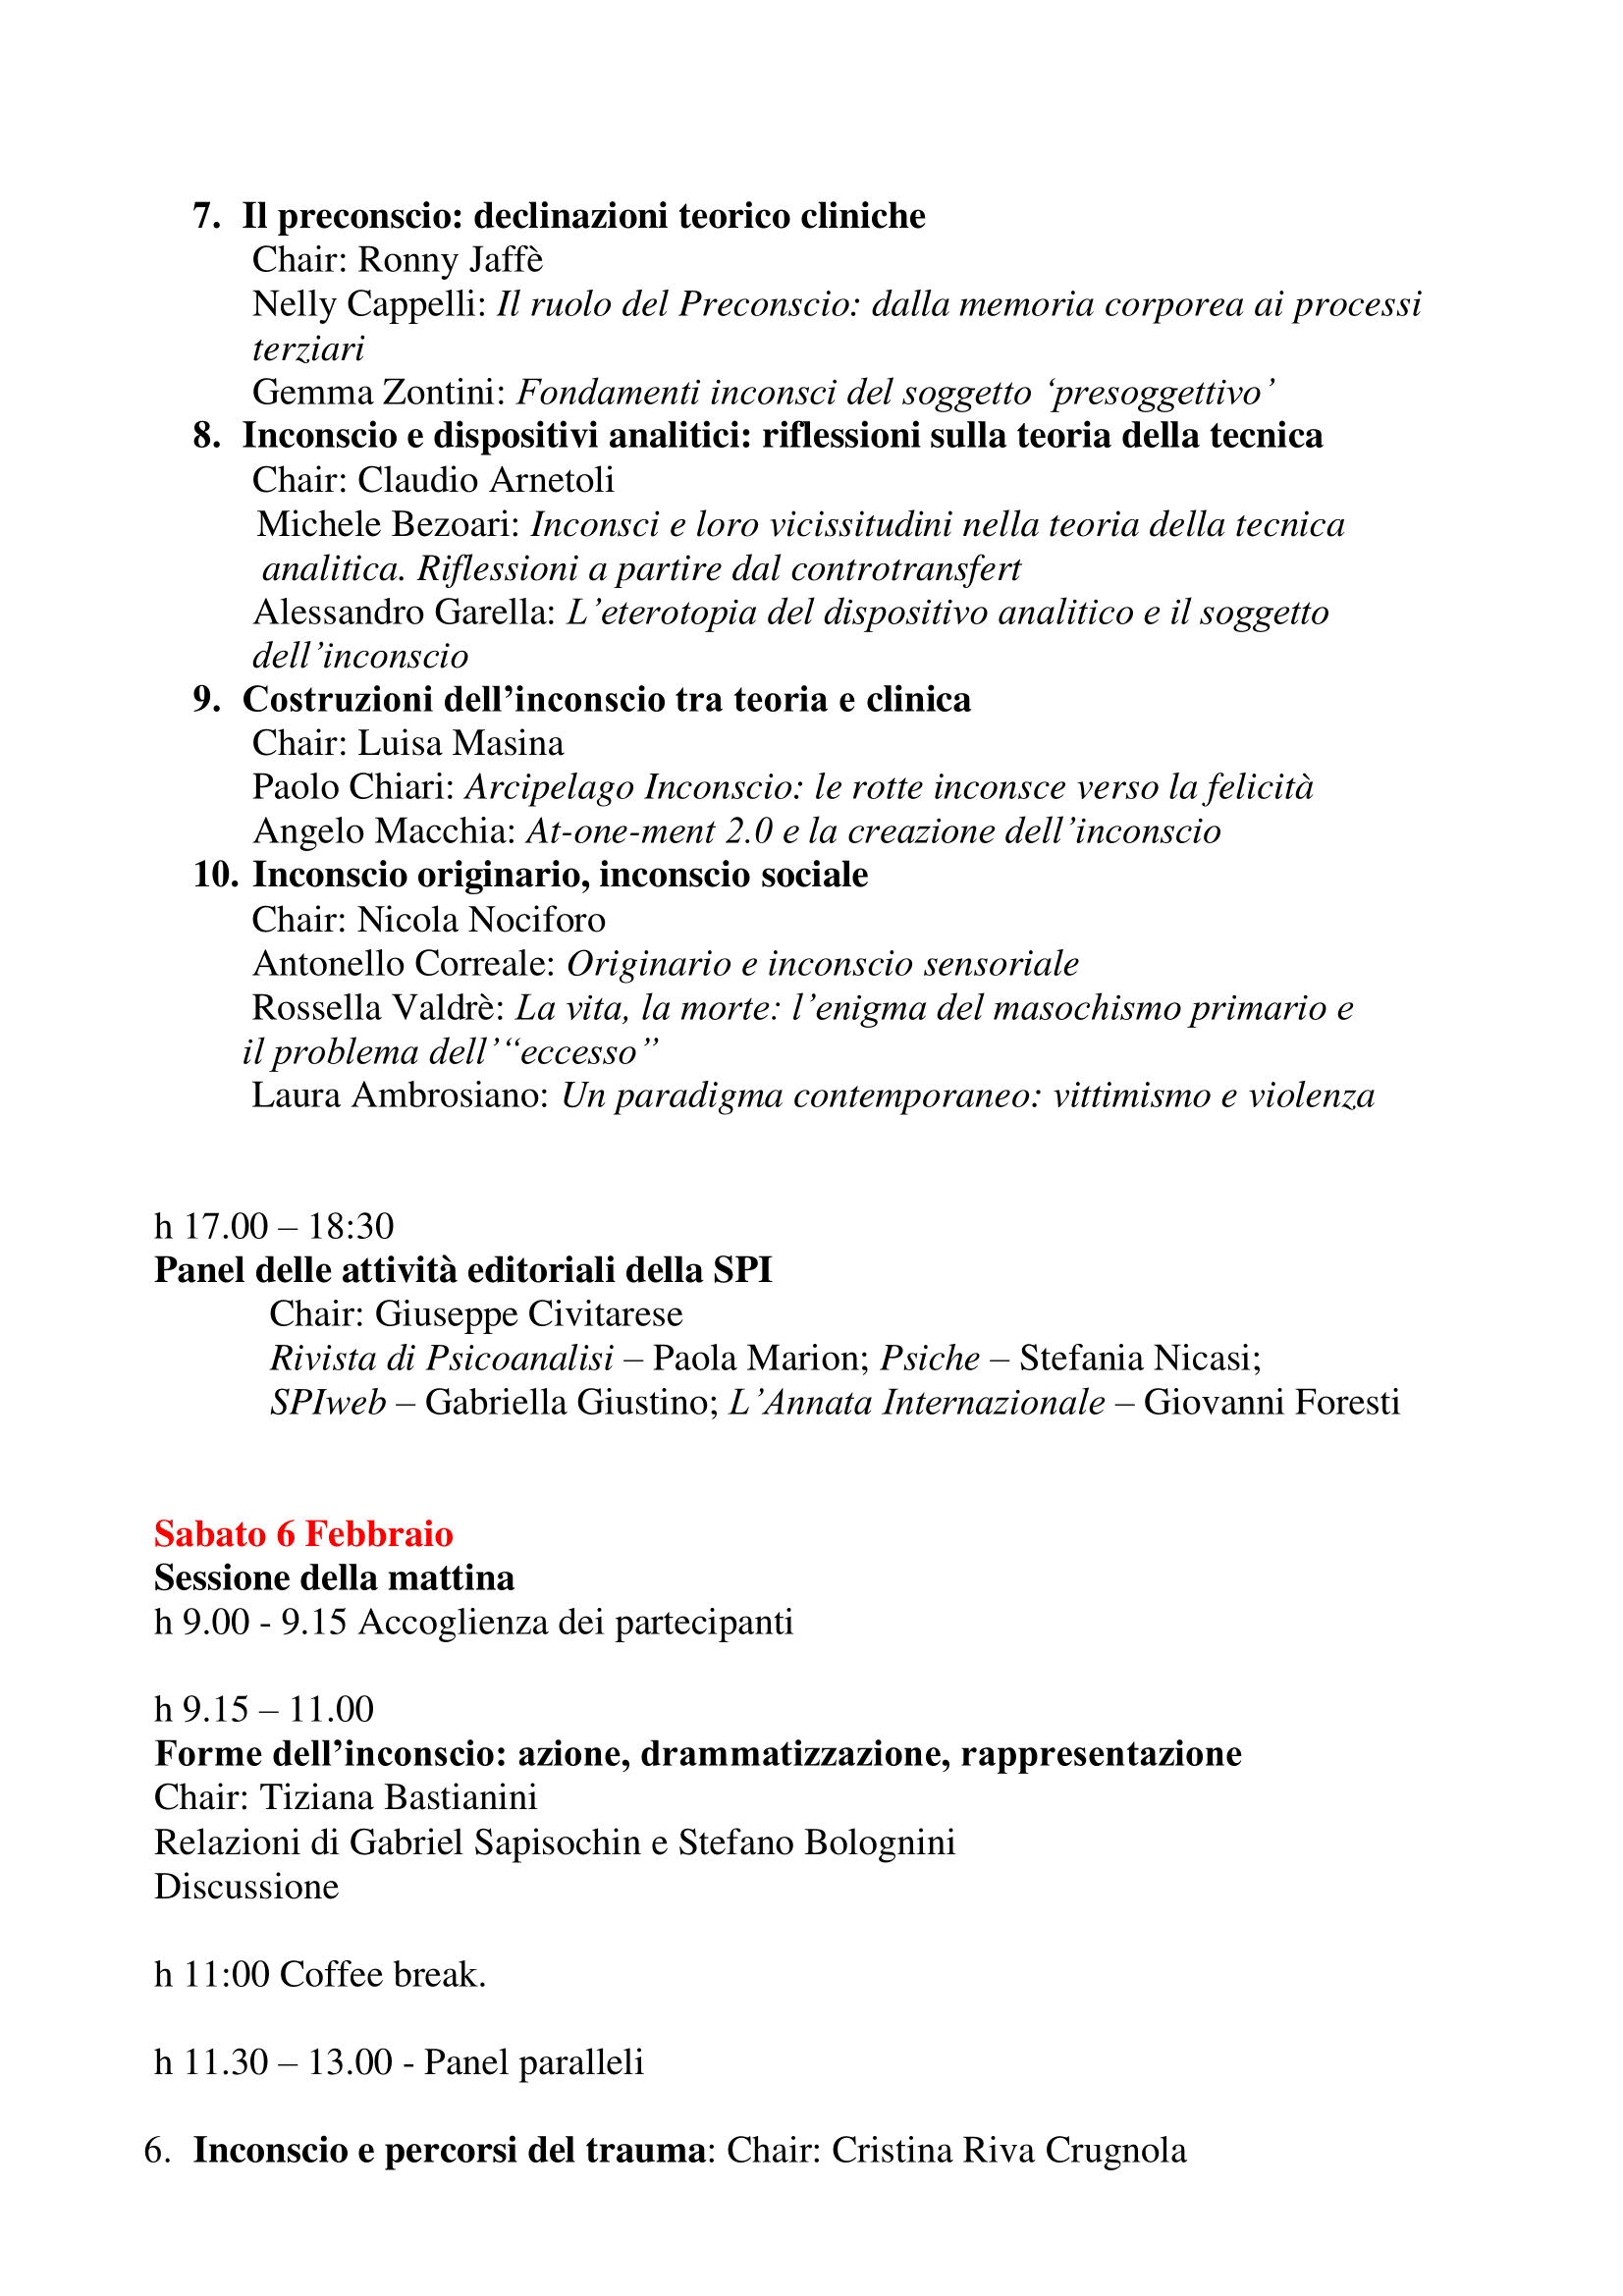 programmaprovvisorio versione30dicembrequaterok 3